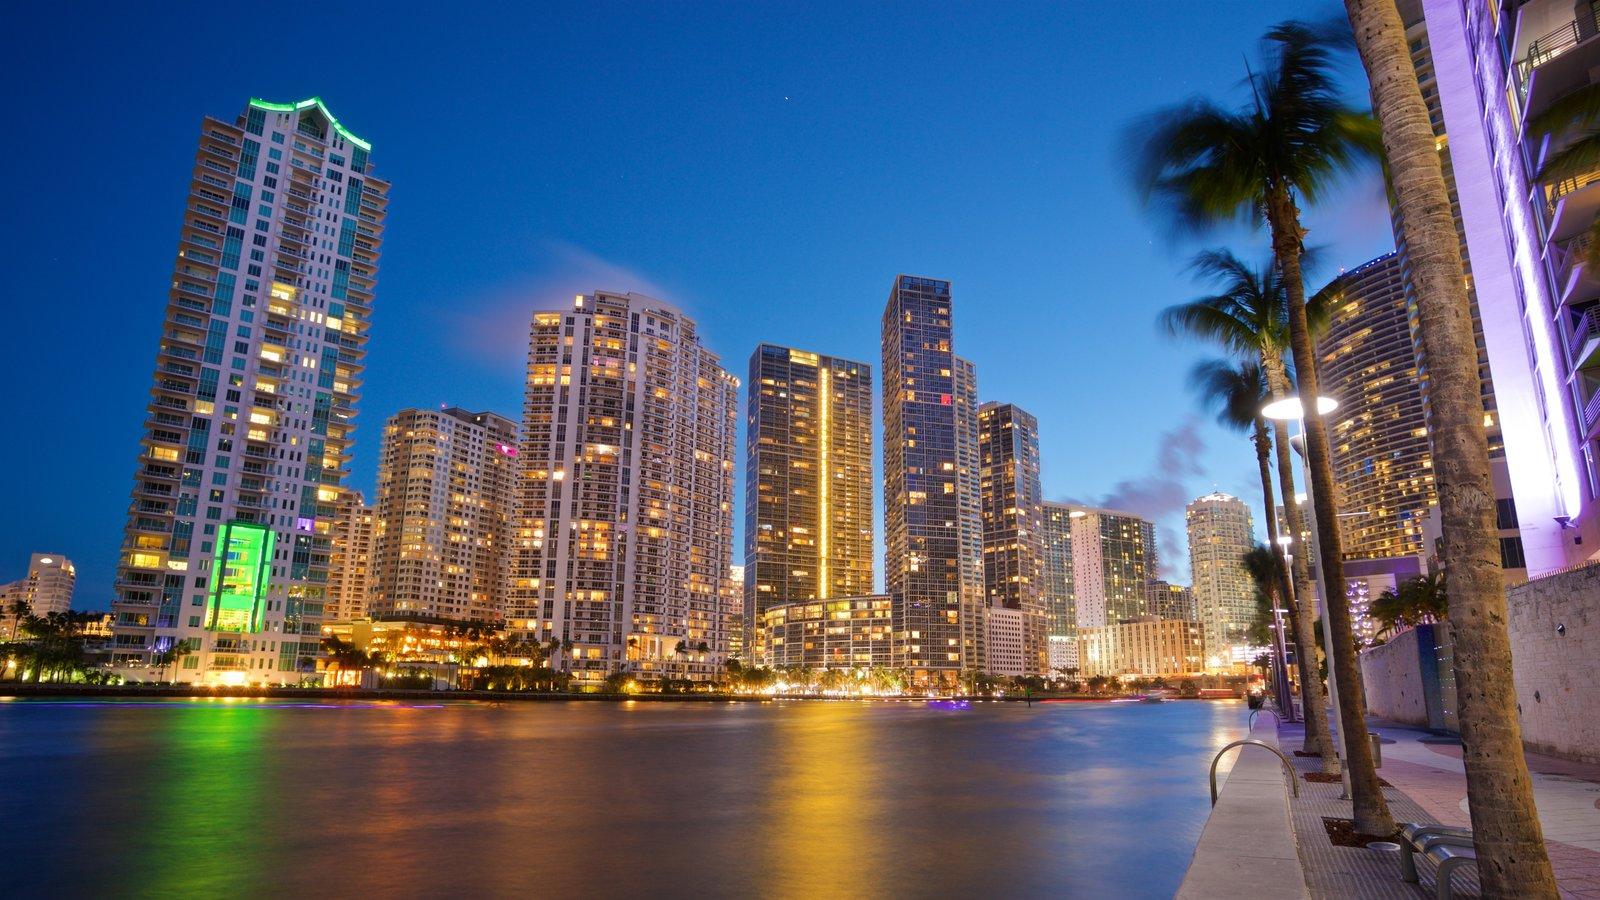 Centro de Miami que incluye escenas nocturnas, un río o arroyo y una ciudad